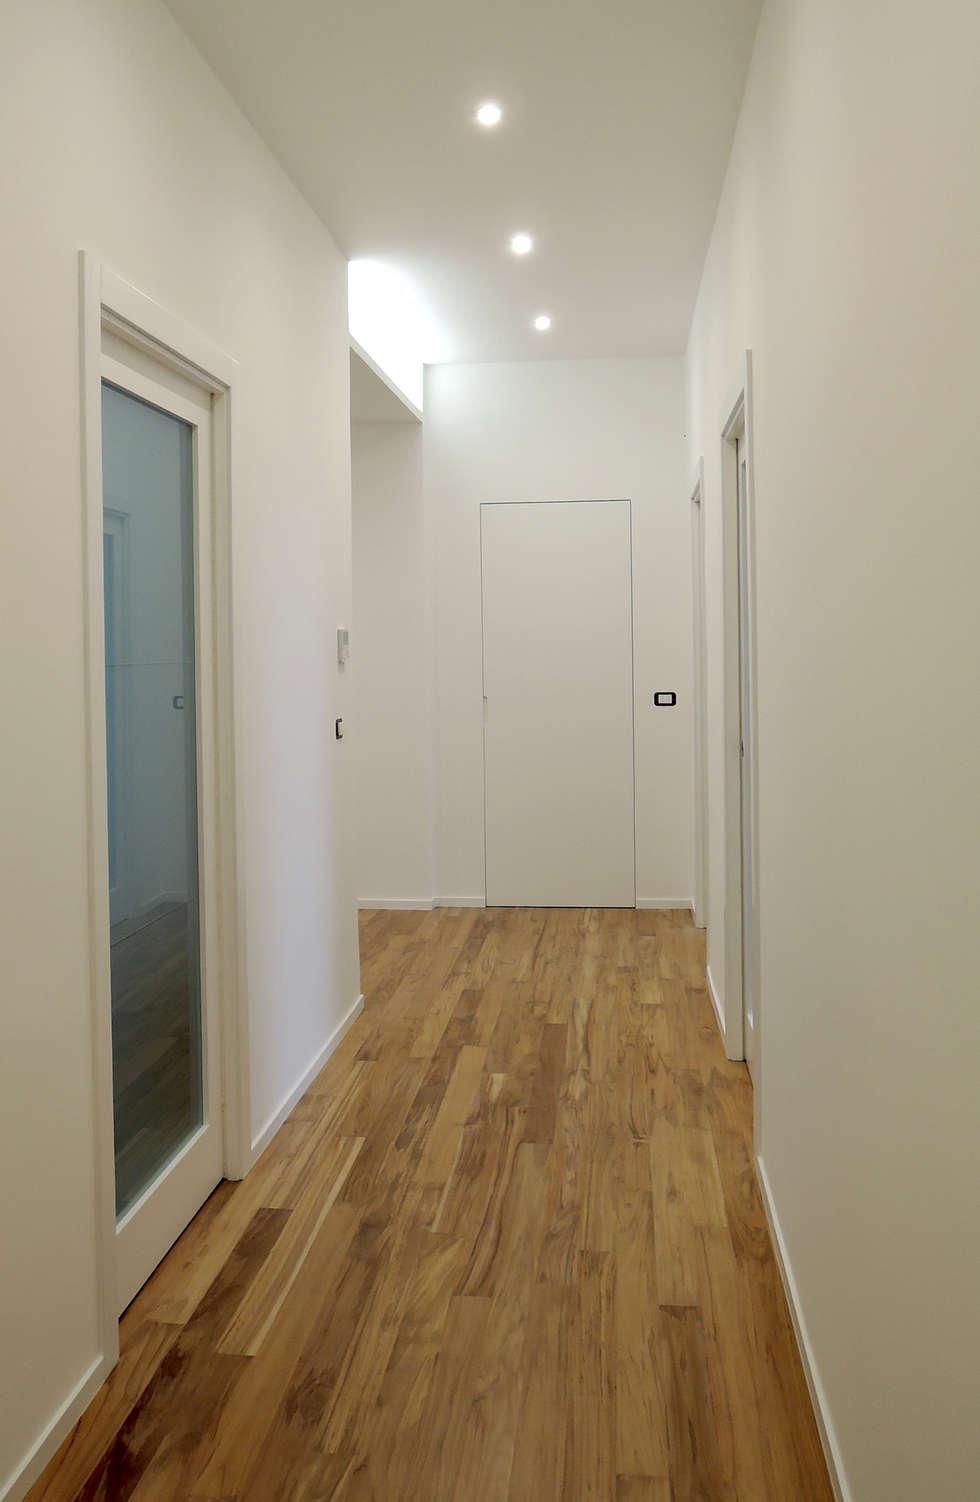 Corridoio: Ingresso & Corridoio in stile  di chiarapice studio